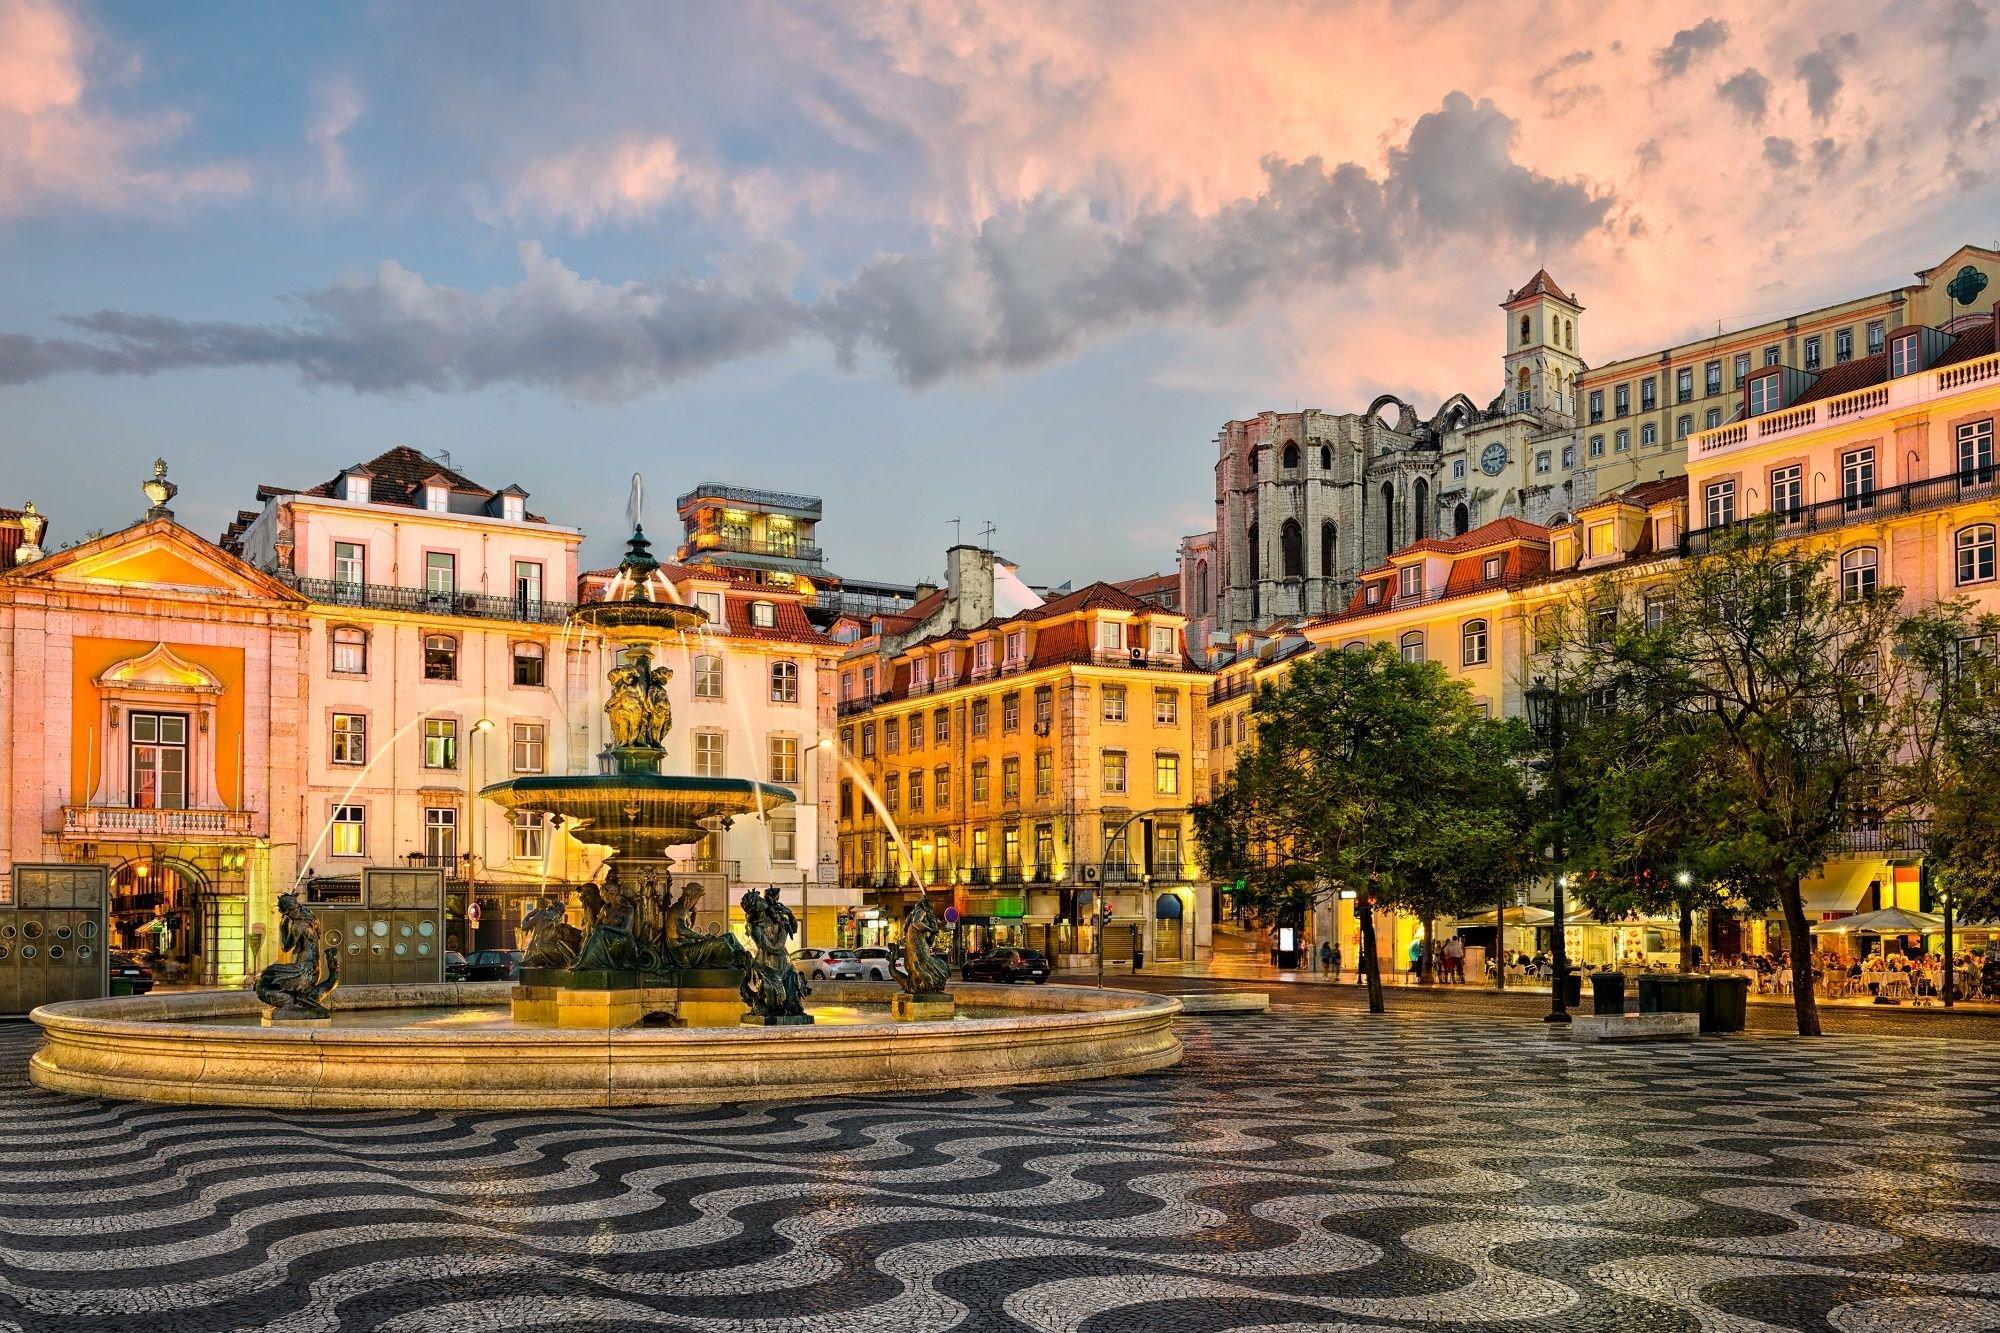 Dagaanbieding - Geniet met deze 8-daagse rondreis door Portugal incl. vlucht en autohuur dagelijkse koopjes